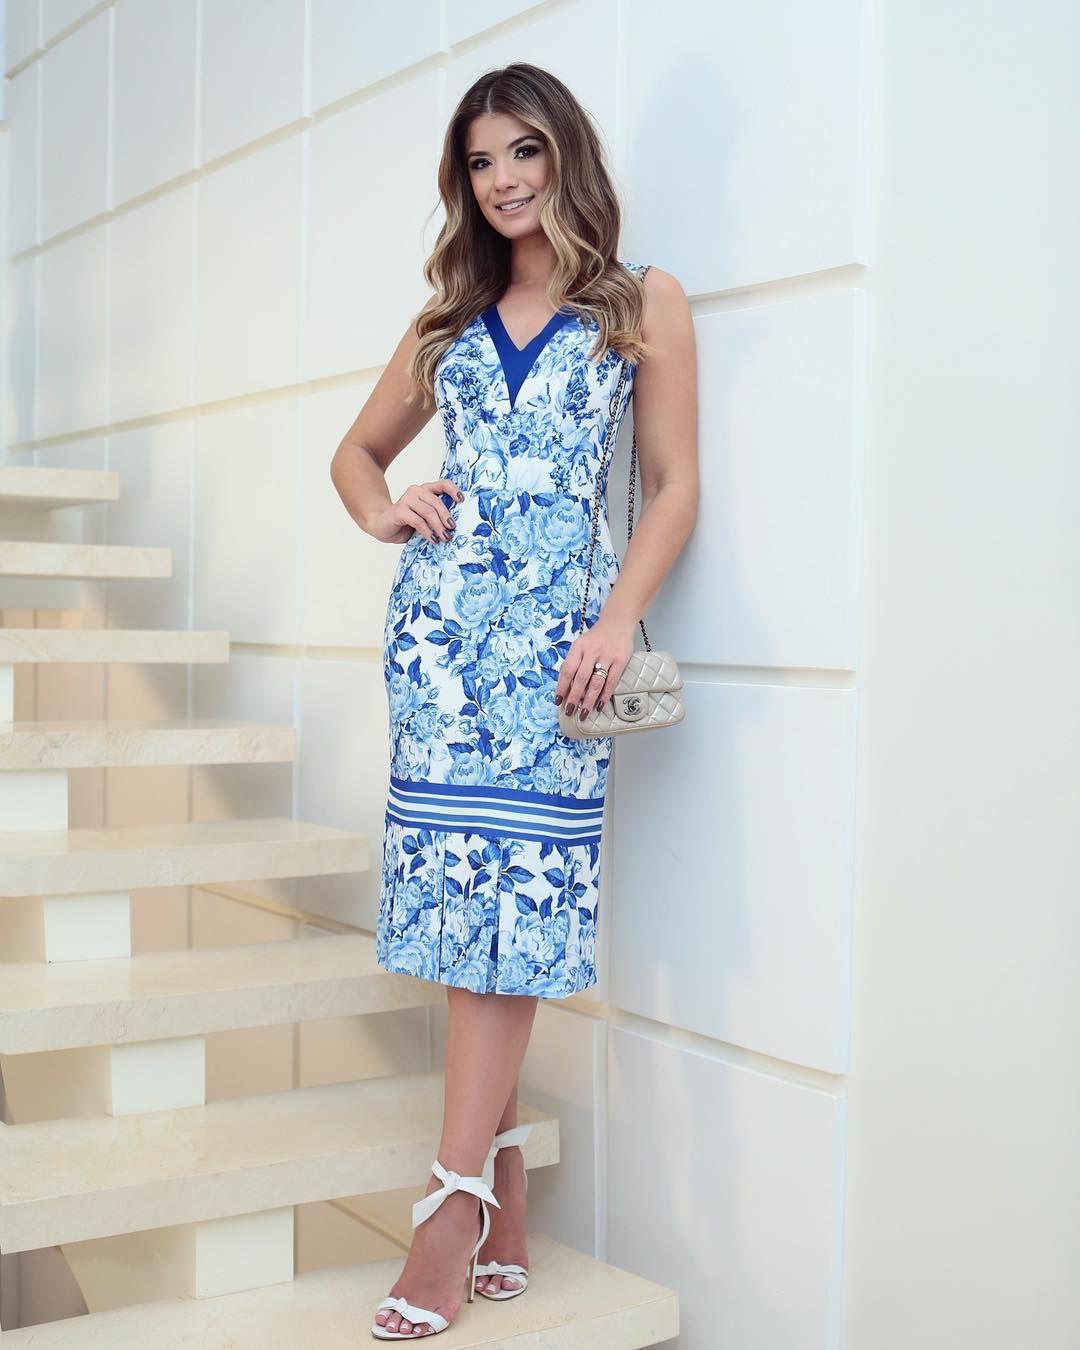 556cb4fd9 Vestido todo em renda, com nozinho no busto! Lindo demais.  www.maboboutique.com.br✓ #maboboutique #roupas #cloude | Ariane Canovas em  2019 | Dresses, ...